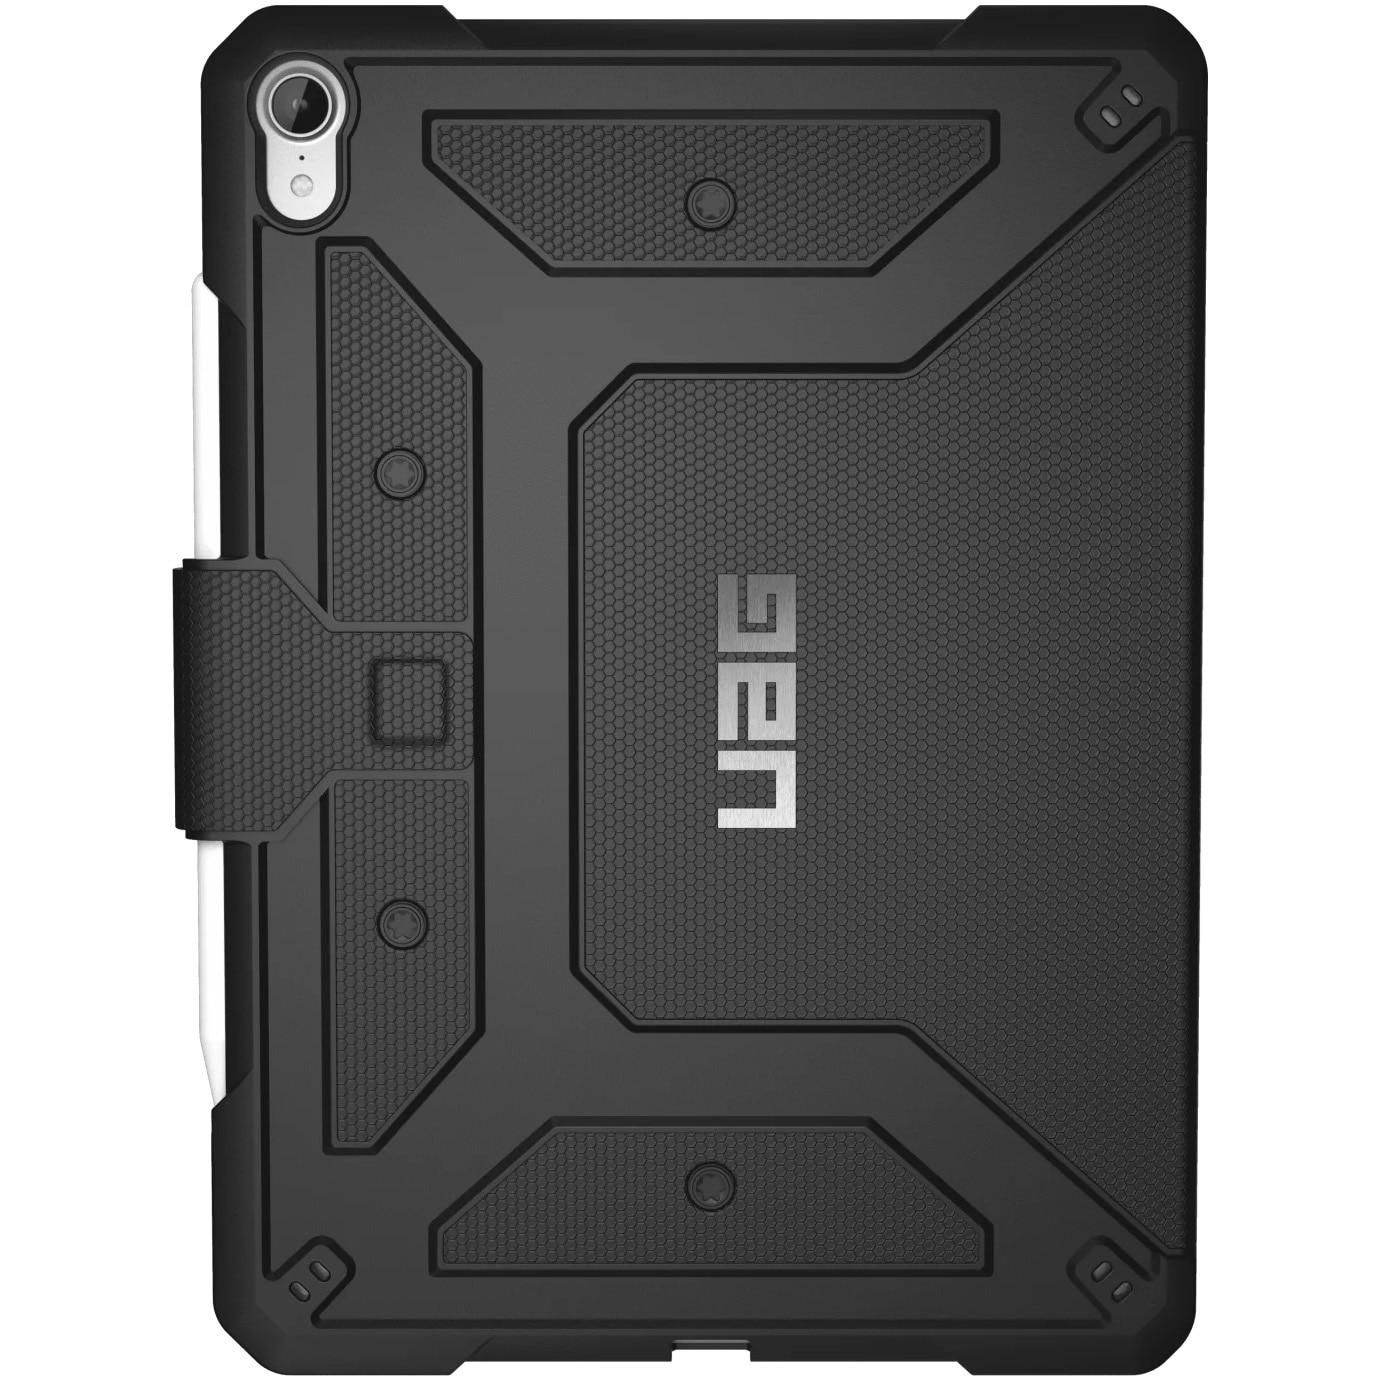 Fotografie Husa de protectie UAG Book Metropolis Series pentru Apple iPad Pro 11 inch, Military drop tested, Black